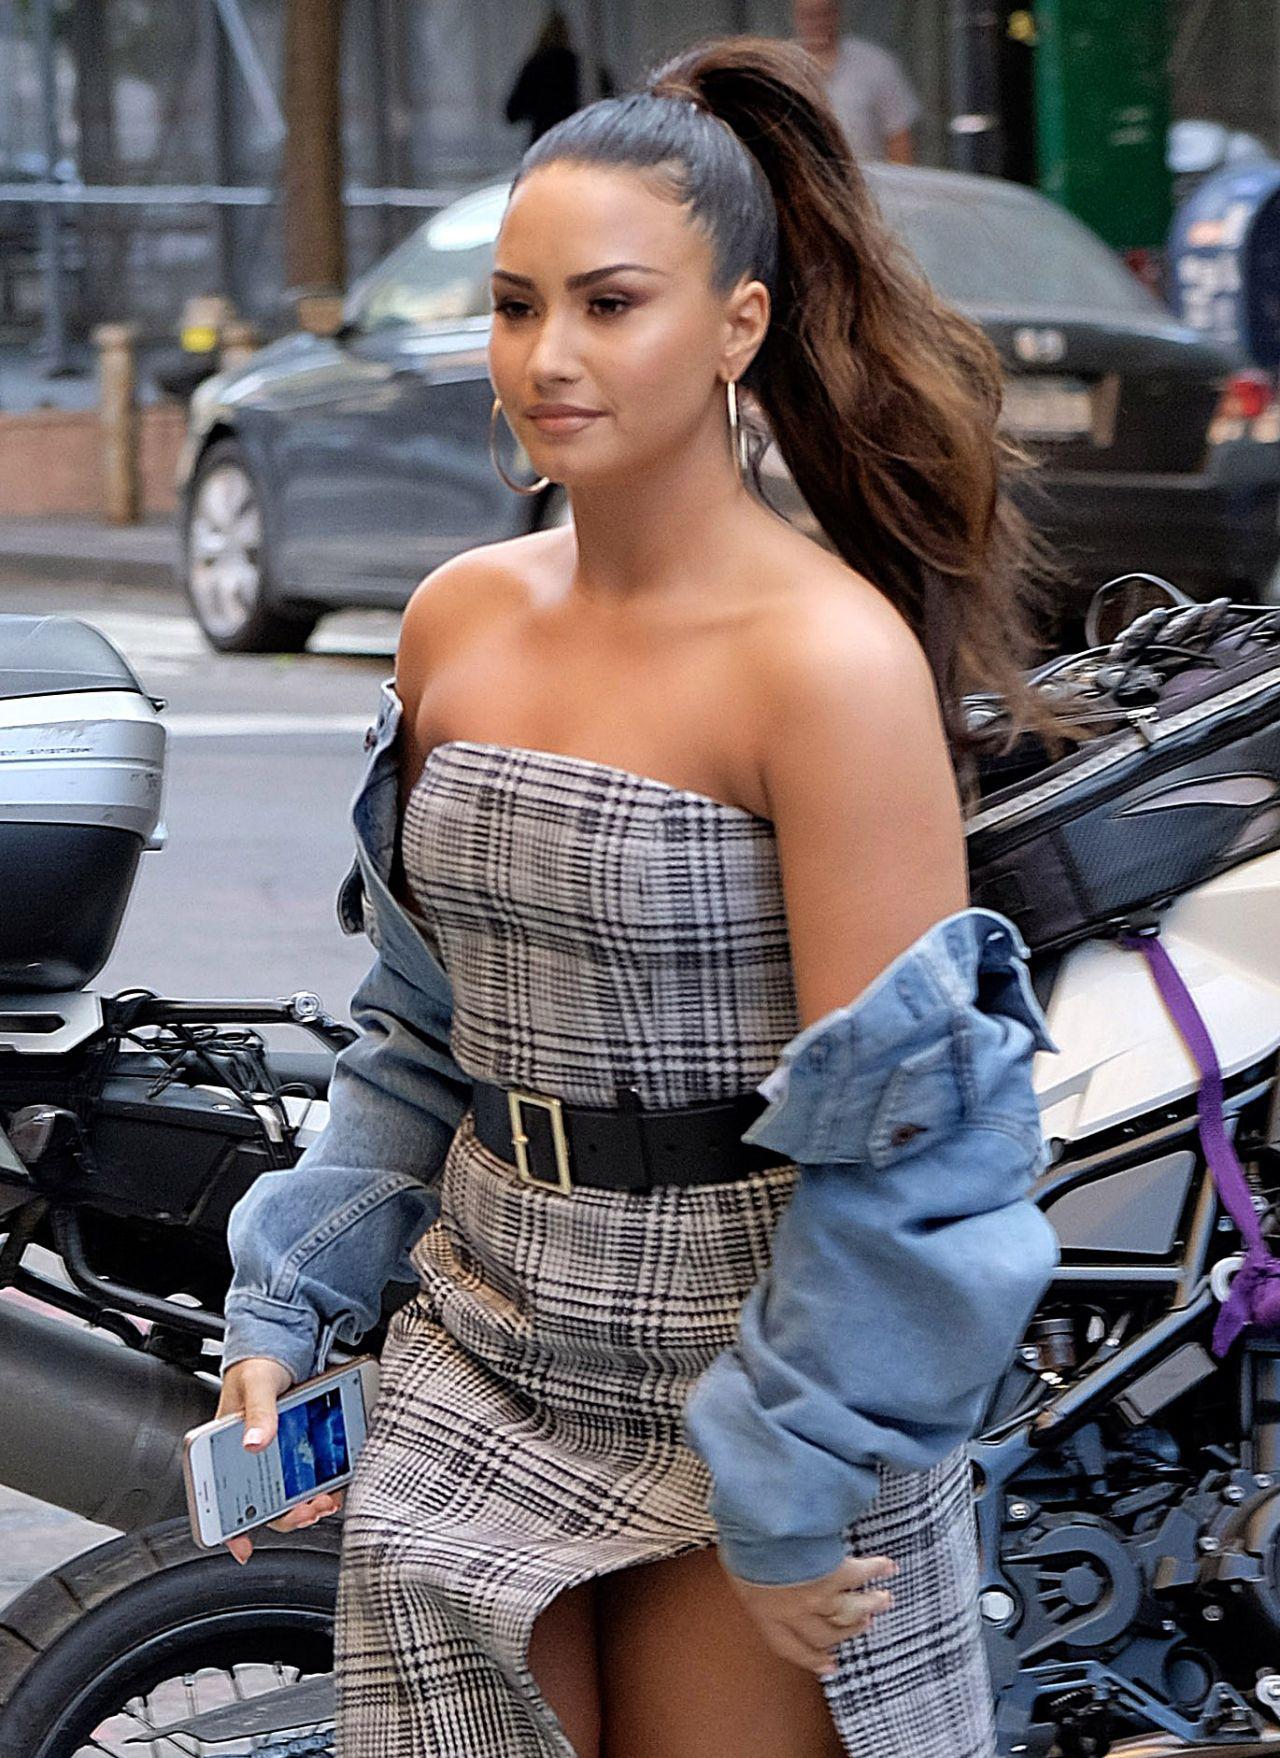 Demi Lovato Leaving Her Hotel In New York 09 29 2017